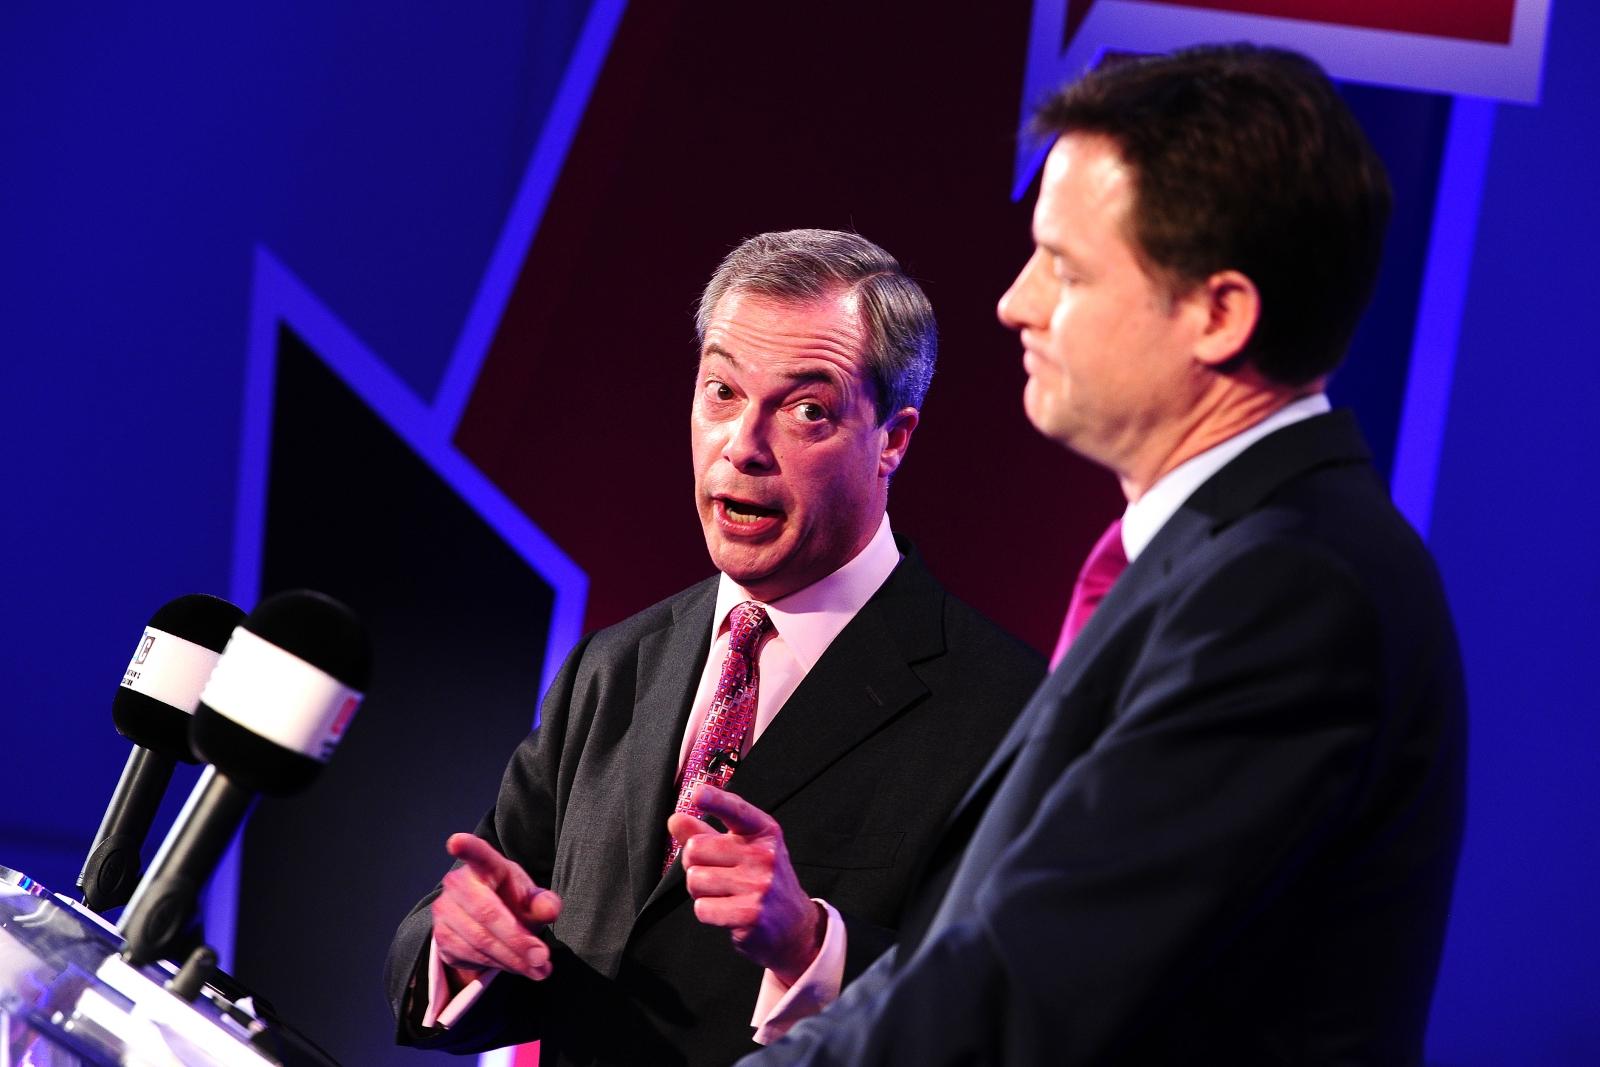 Nick Clegg and Nigel Farage debate